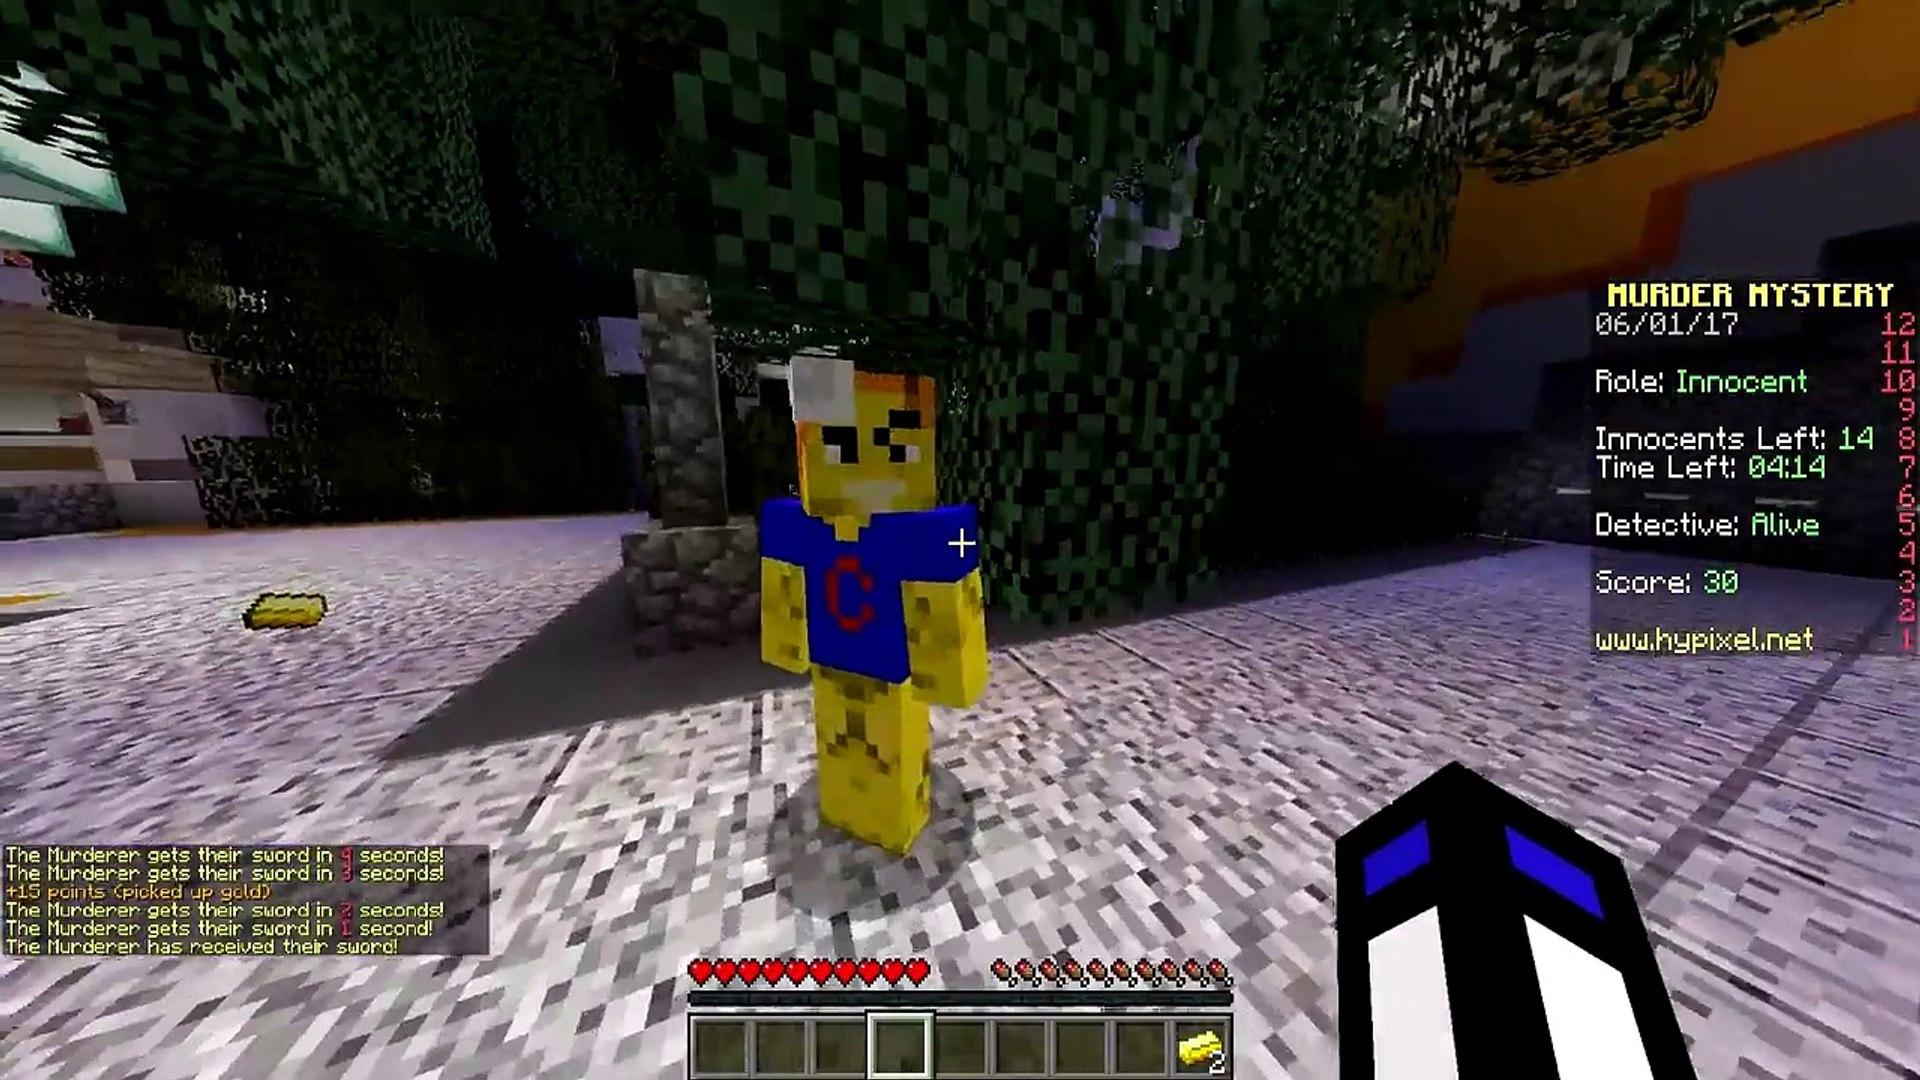 КАК ТУТ МОЖНО БЫЛО УВИДЕТЬ МЕЧ? ПРОСТО ЖЕСТЬ! (Minecraft Murder Mystery)